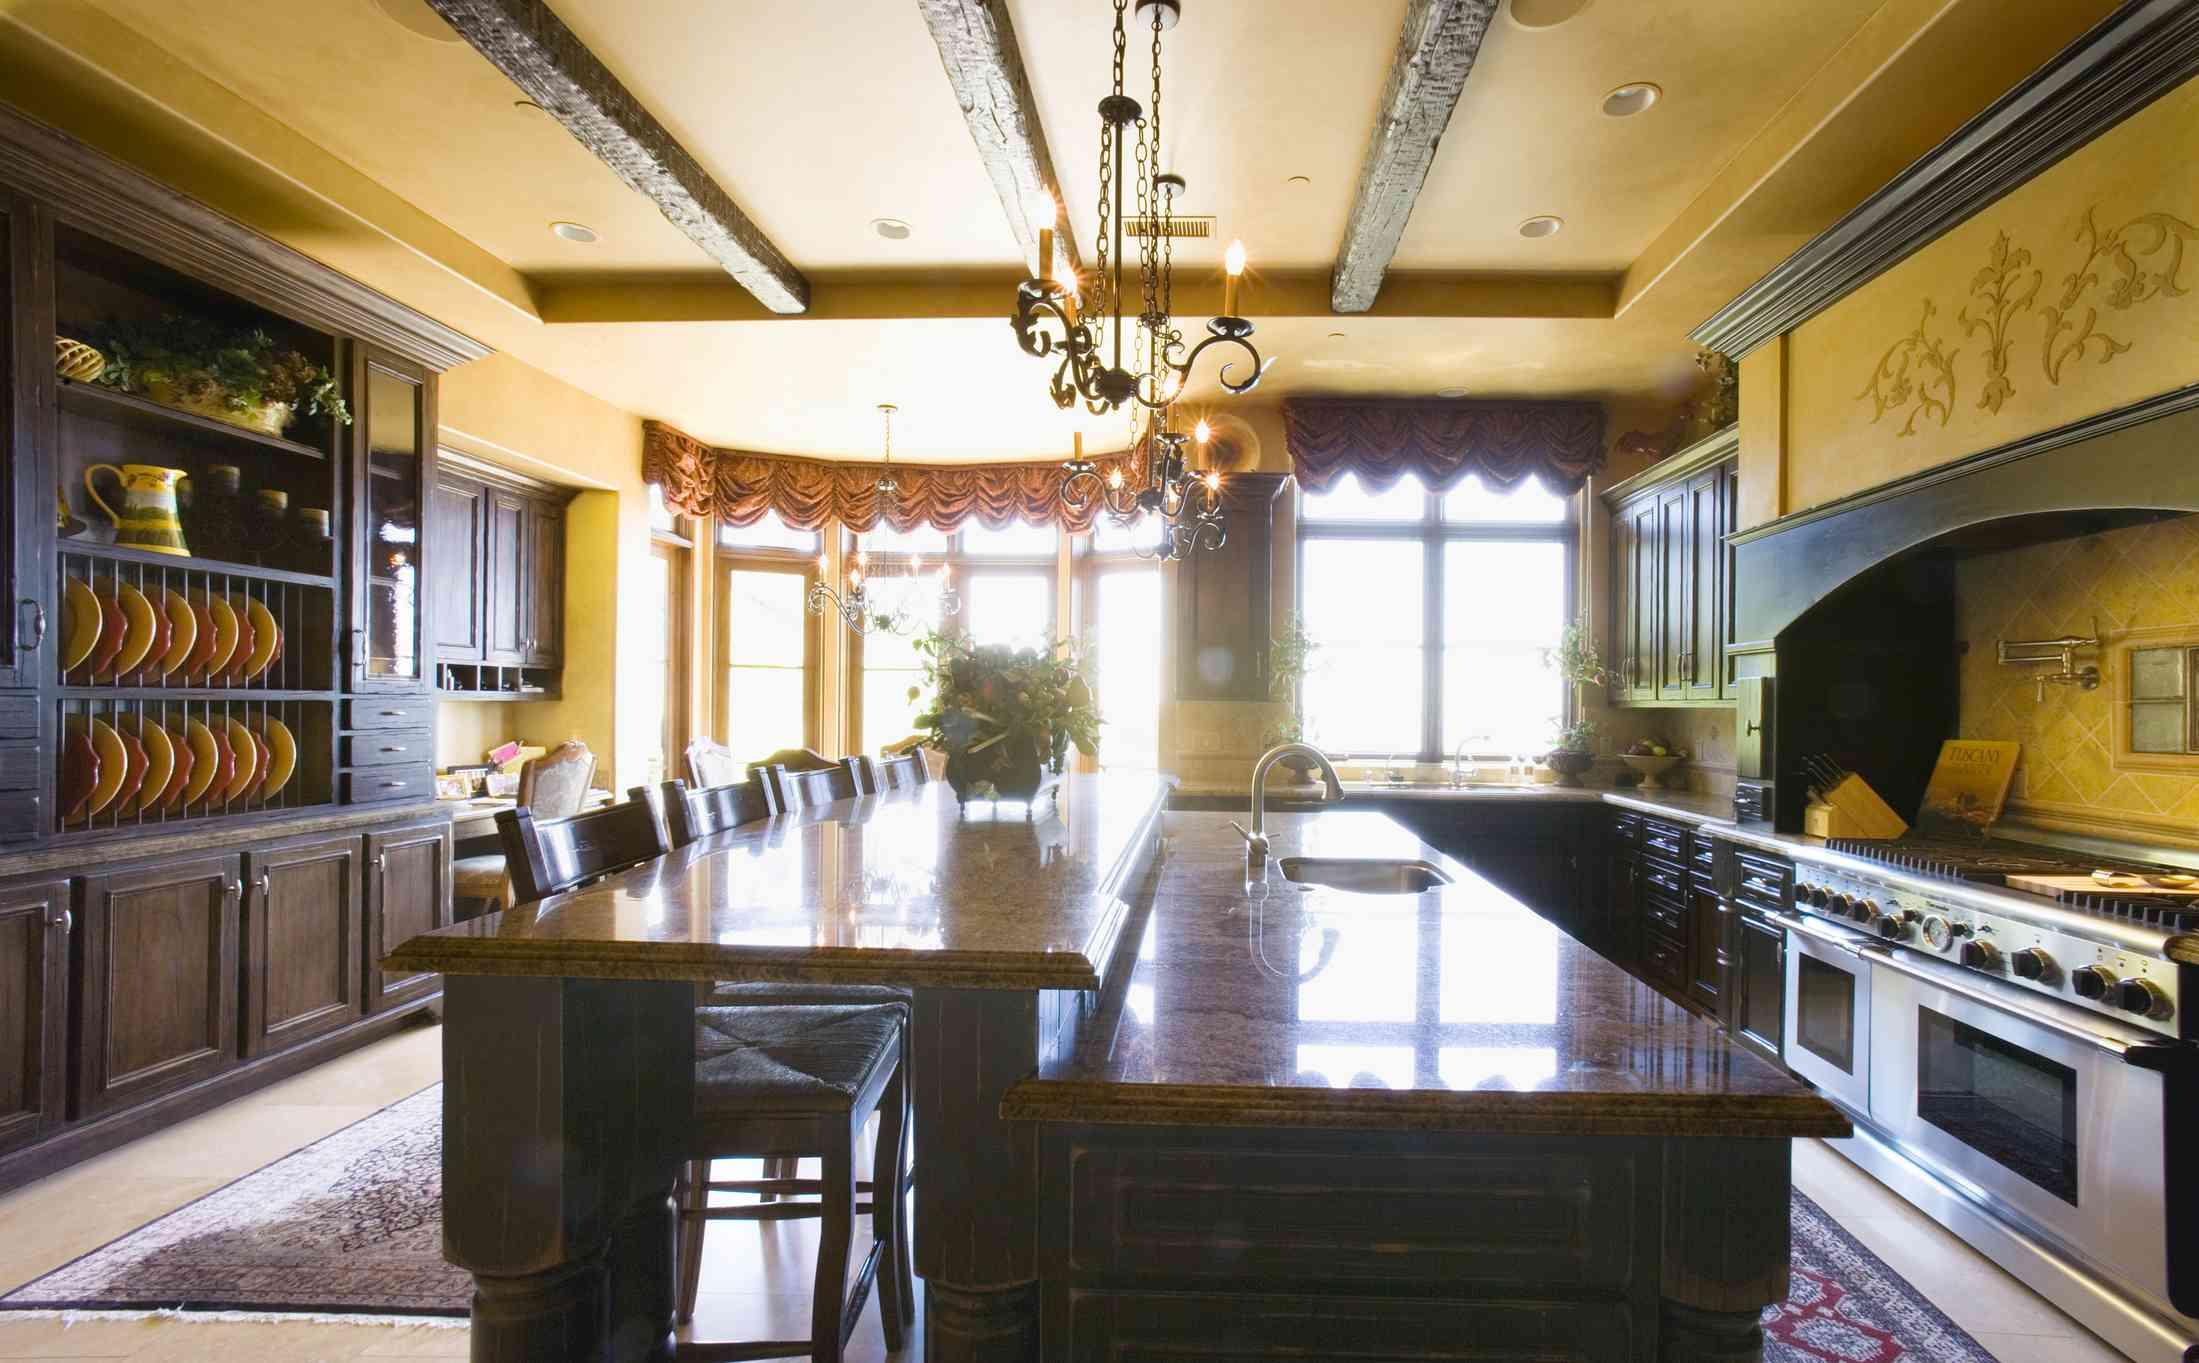 Tuscan-style kitchen.